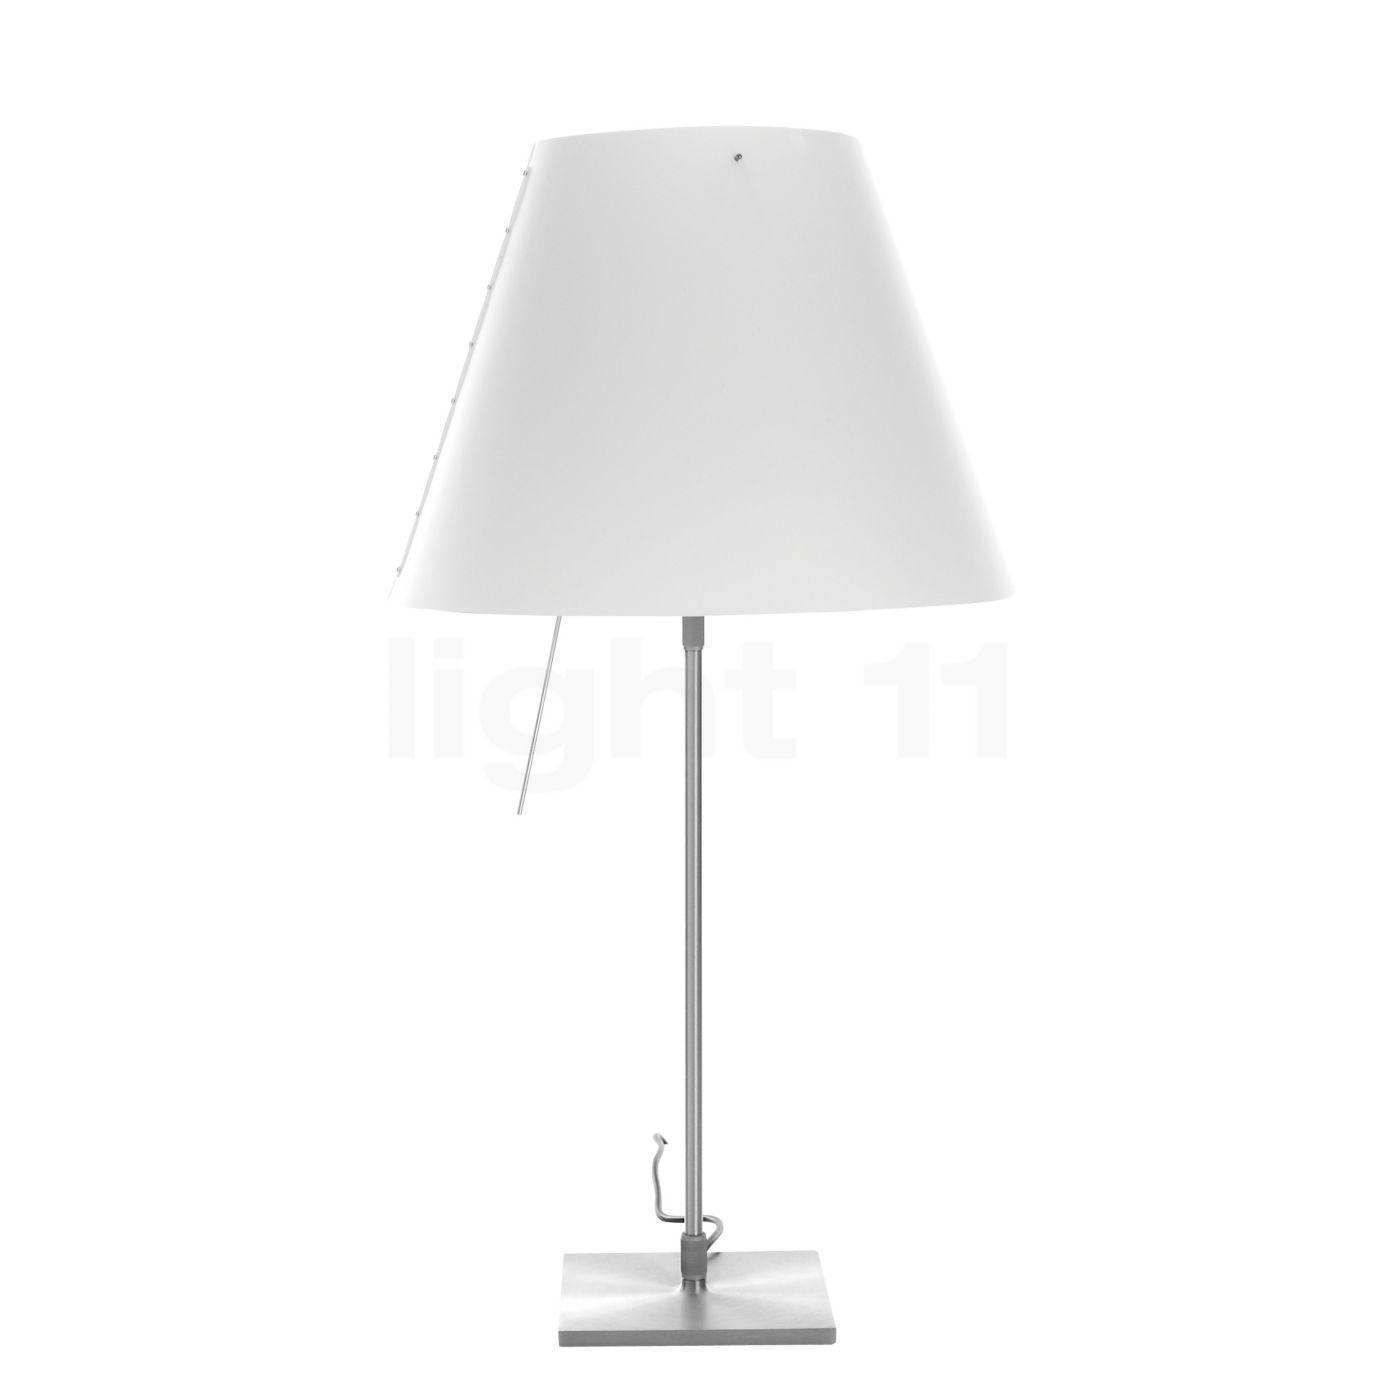 Lampe de chevet variateur d'intensité